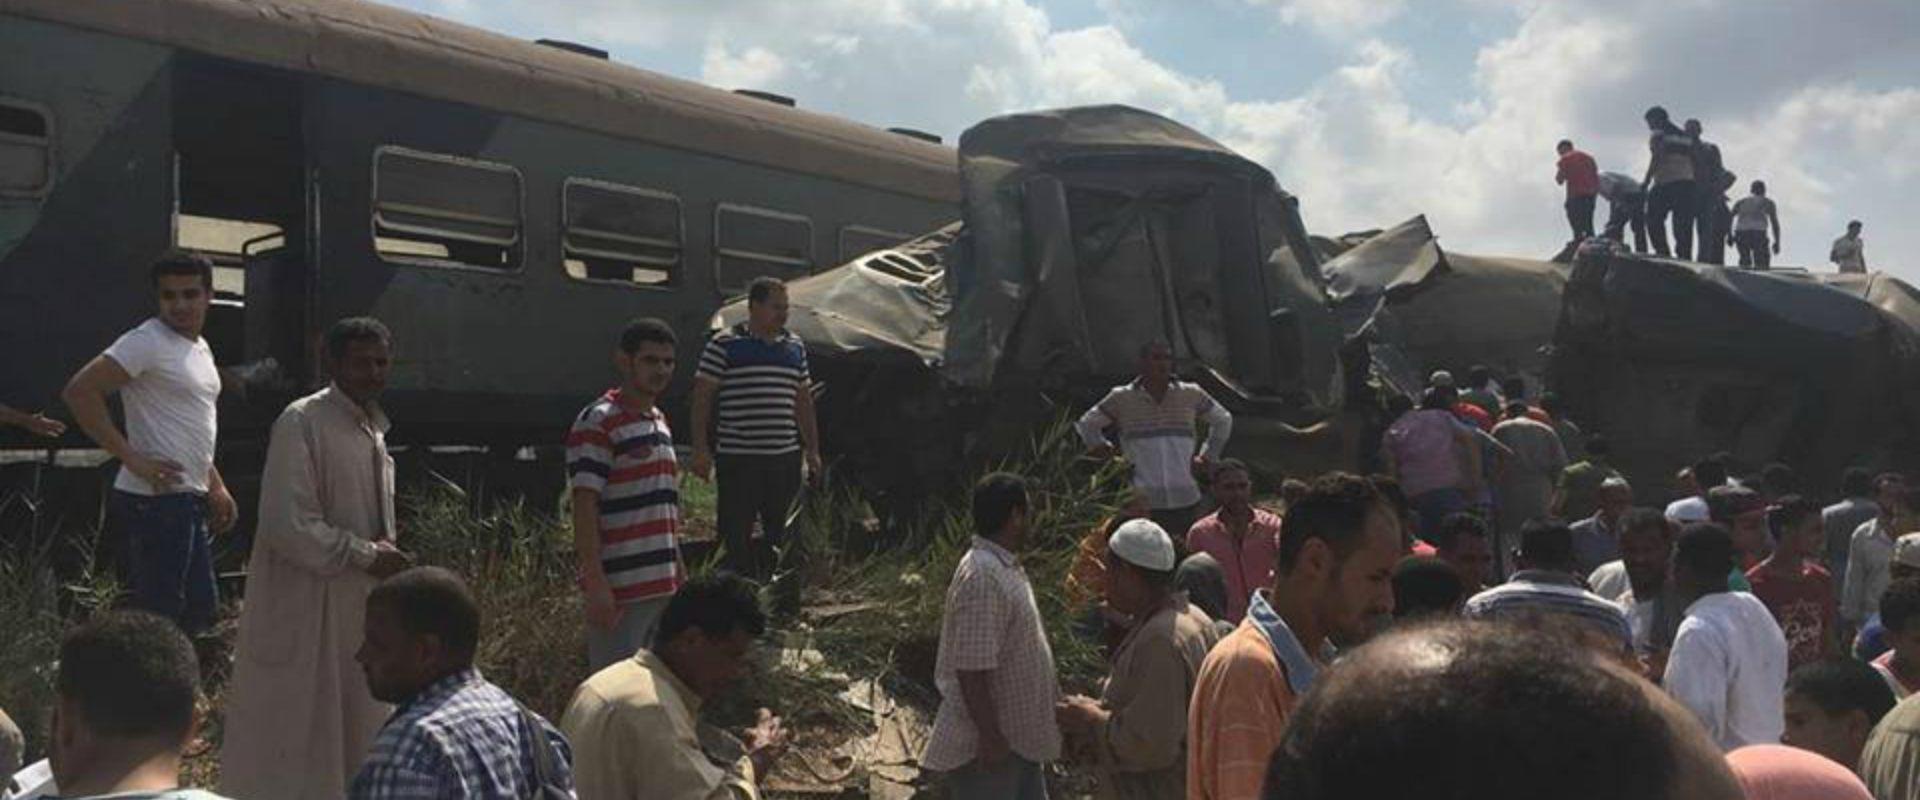 תאונת הרכבות במצרים